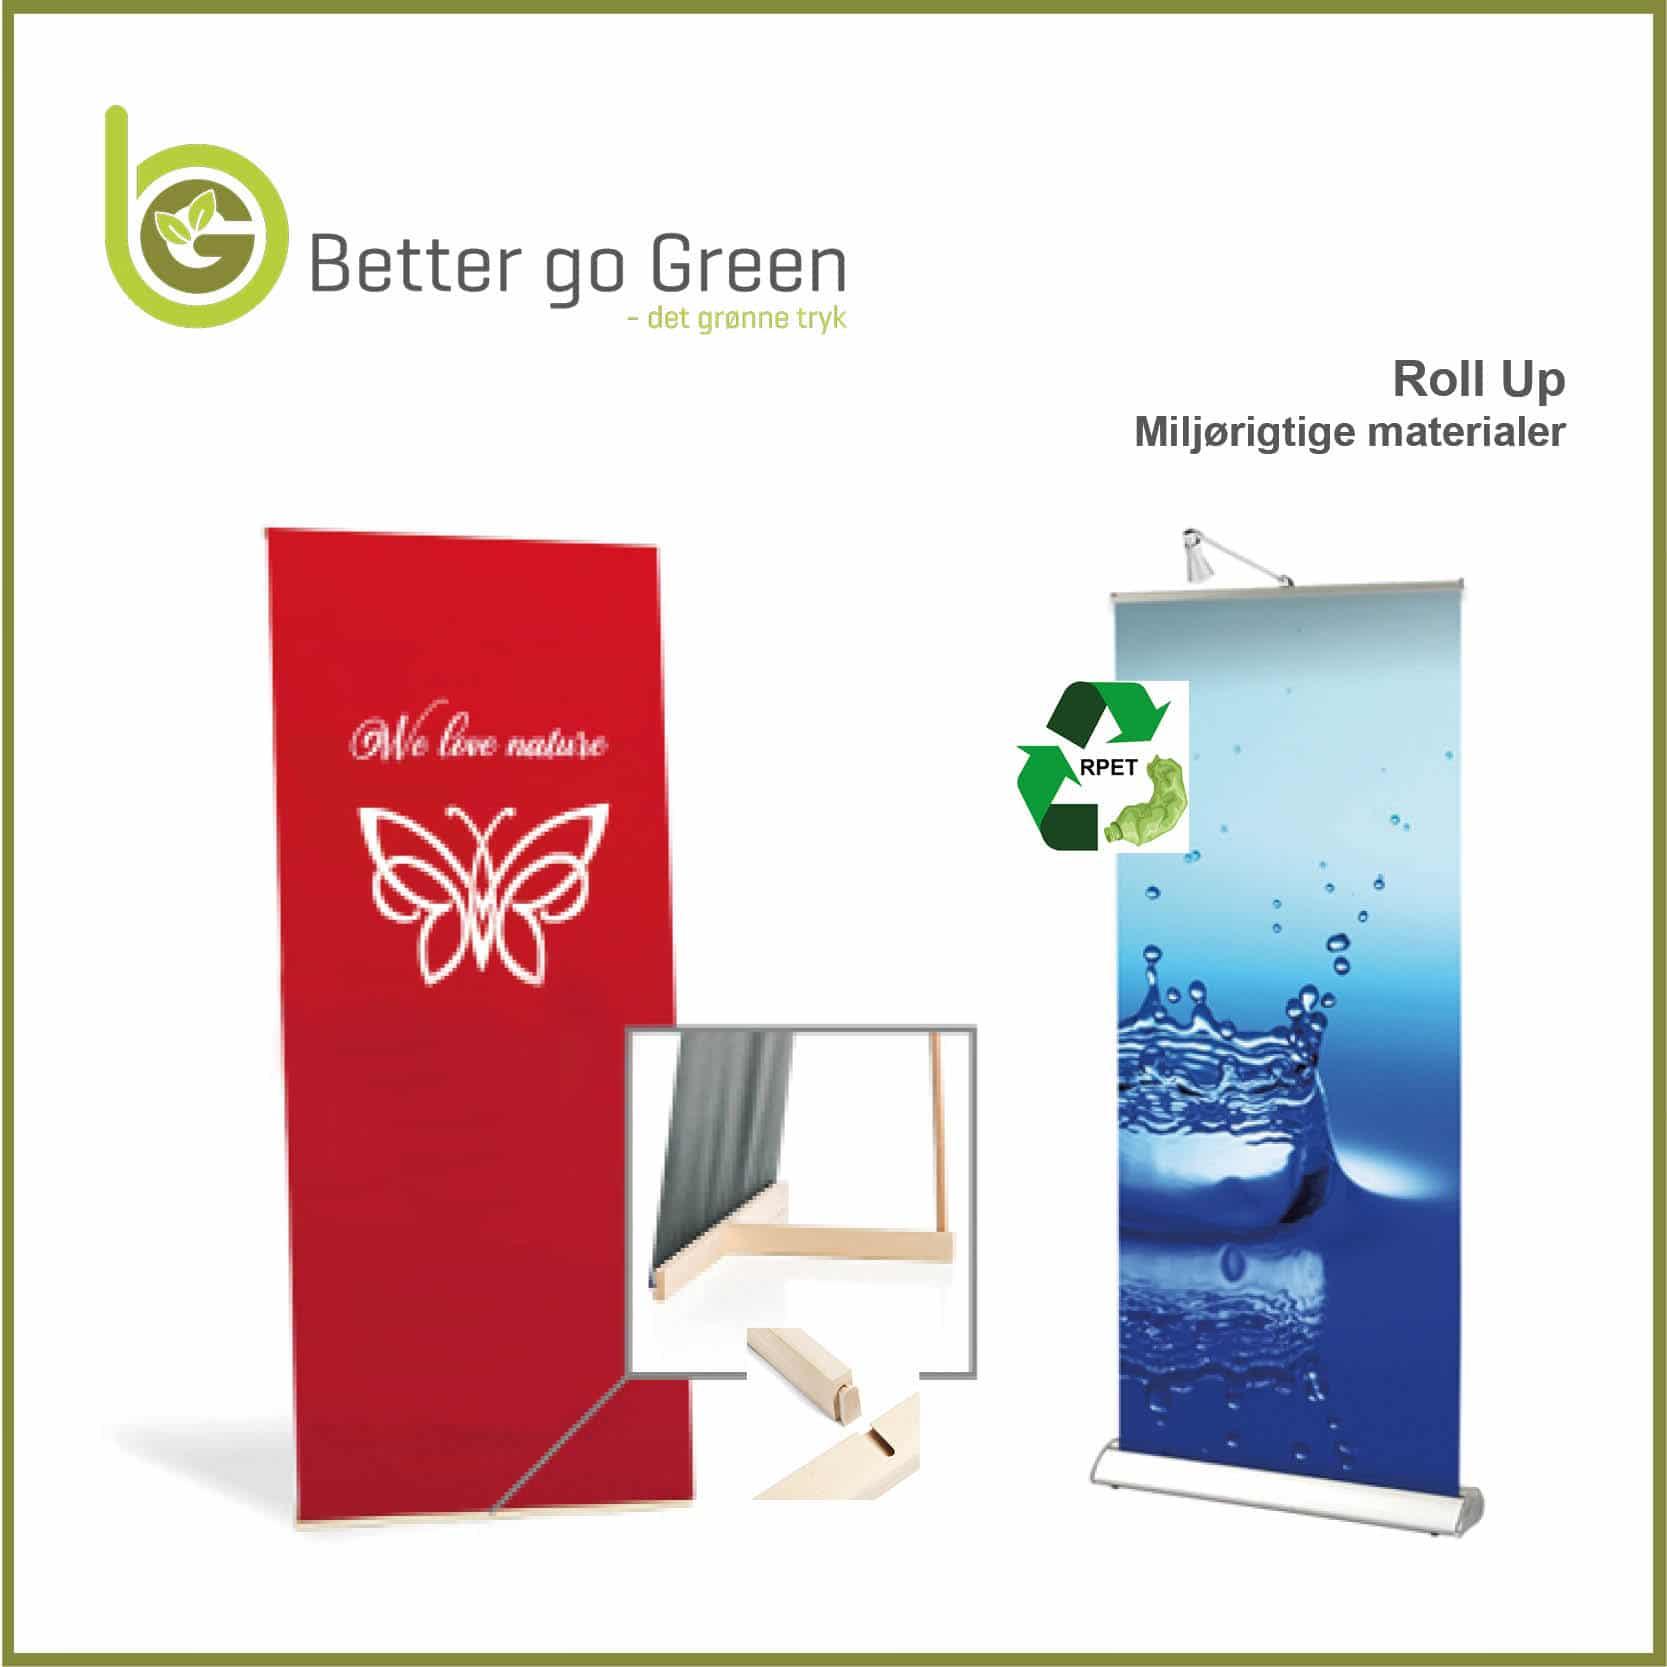 Roll Up i bæredygtige materialer. BetterGoGreen.dk